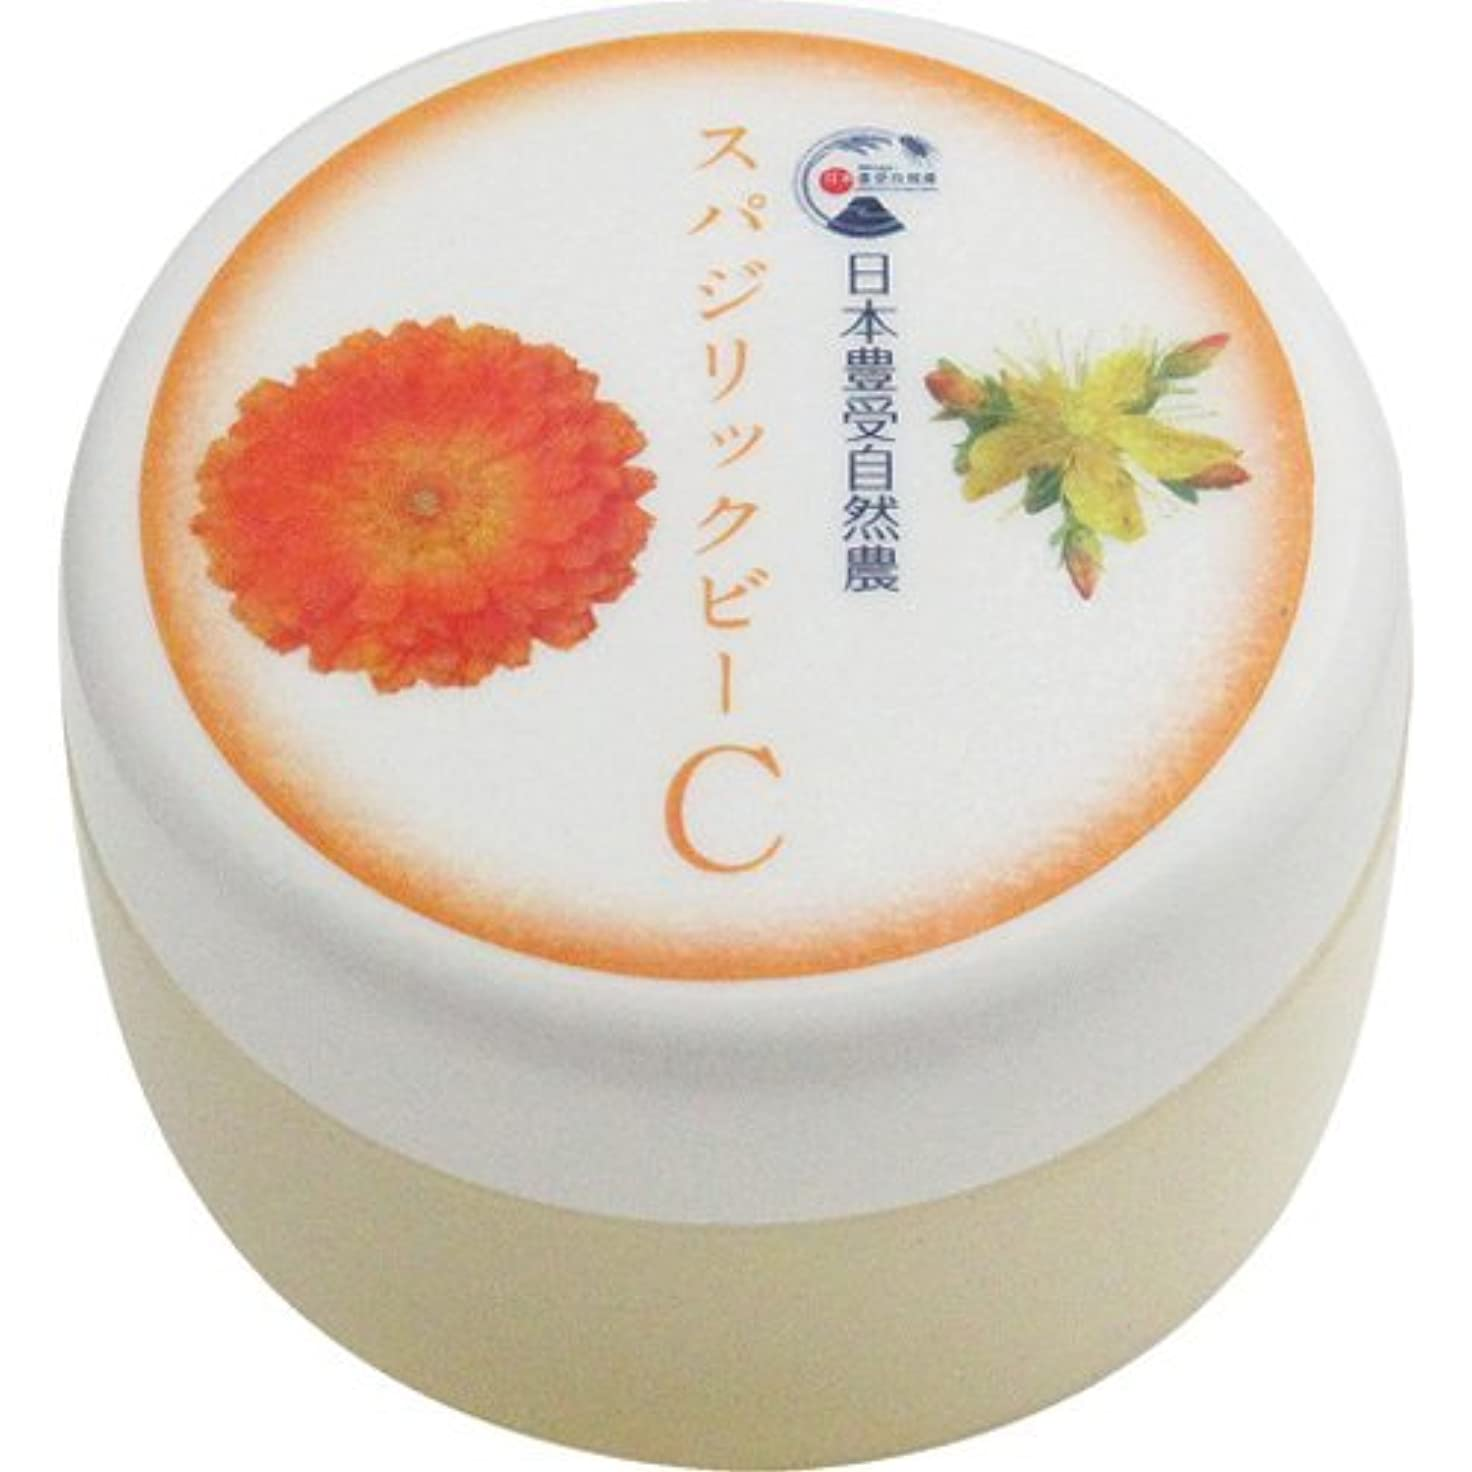 材料長いです練る日本豊受自然農 スパジリック ビーC(大) 45g